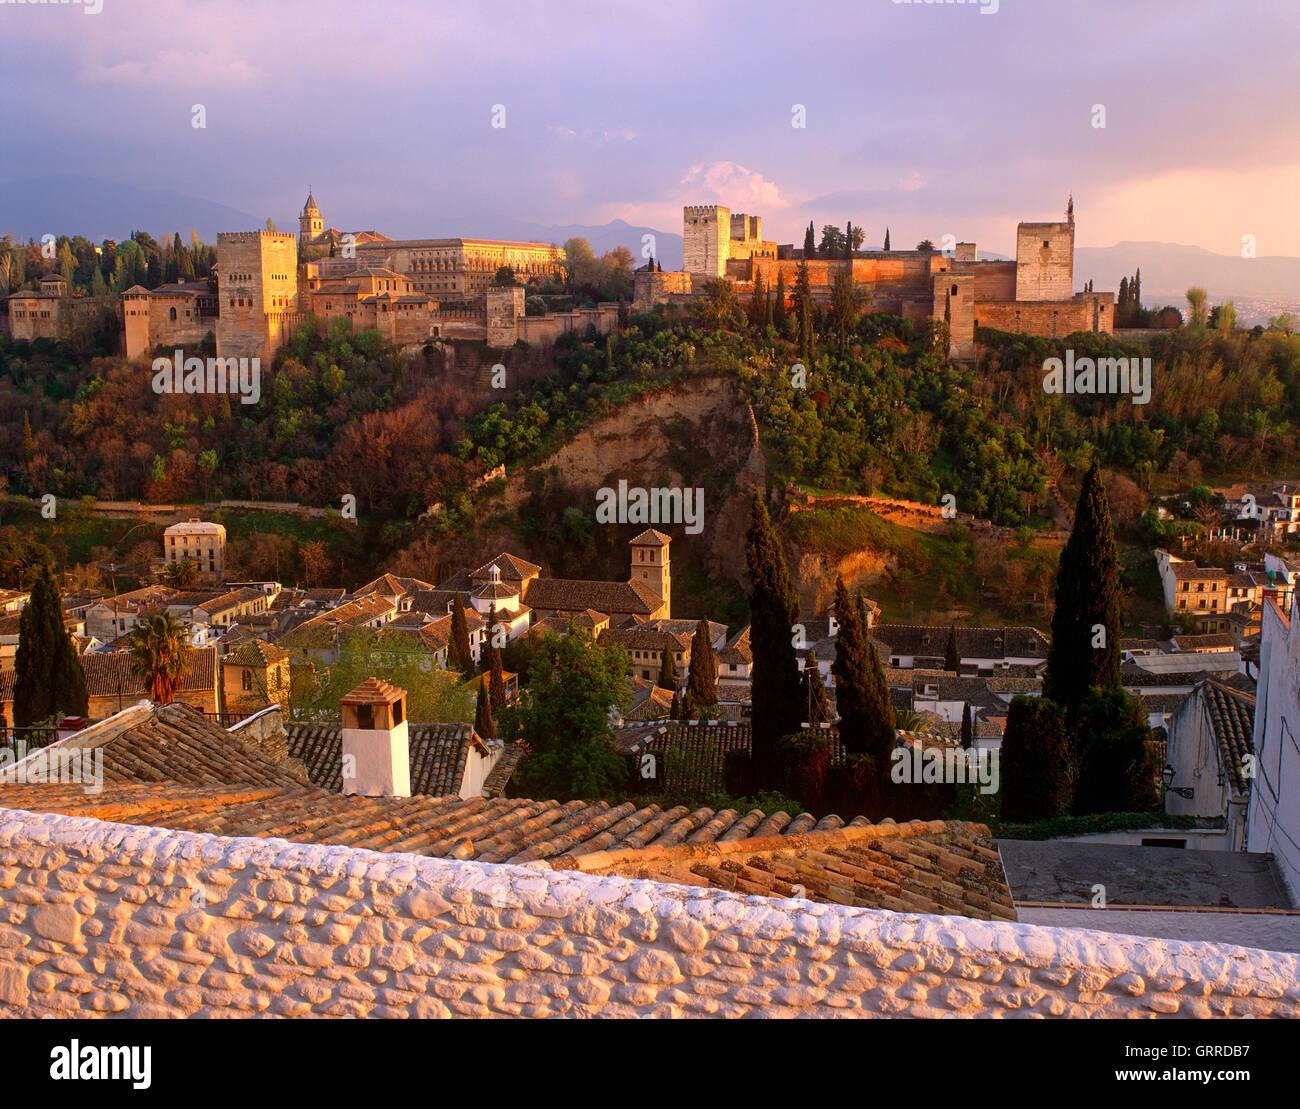 Al atardecer del Palacio de la Alhambra, Granada, Andalucía, España. Imagen De Stock